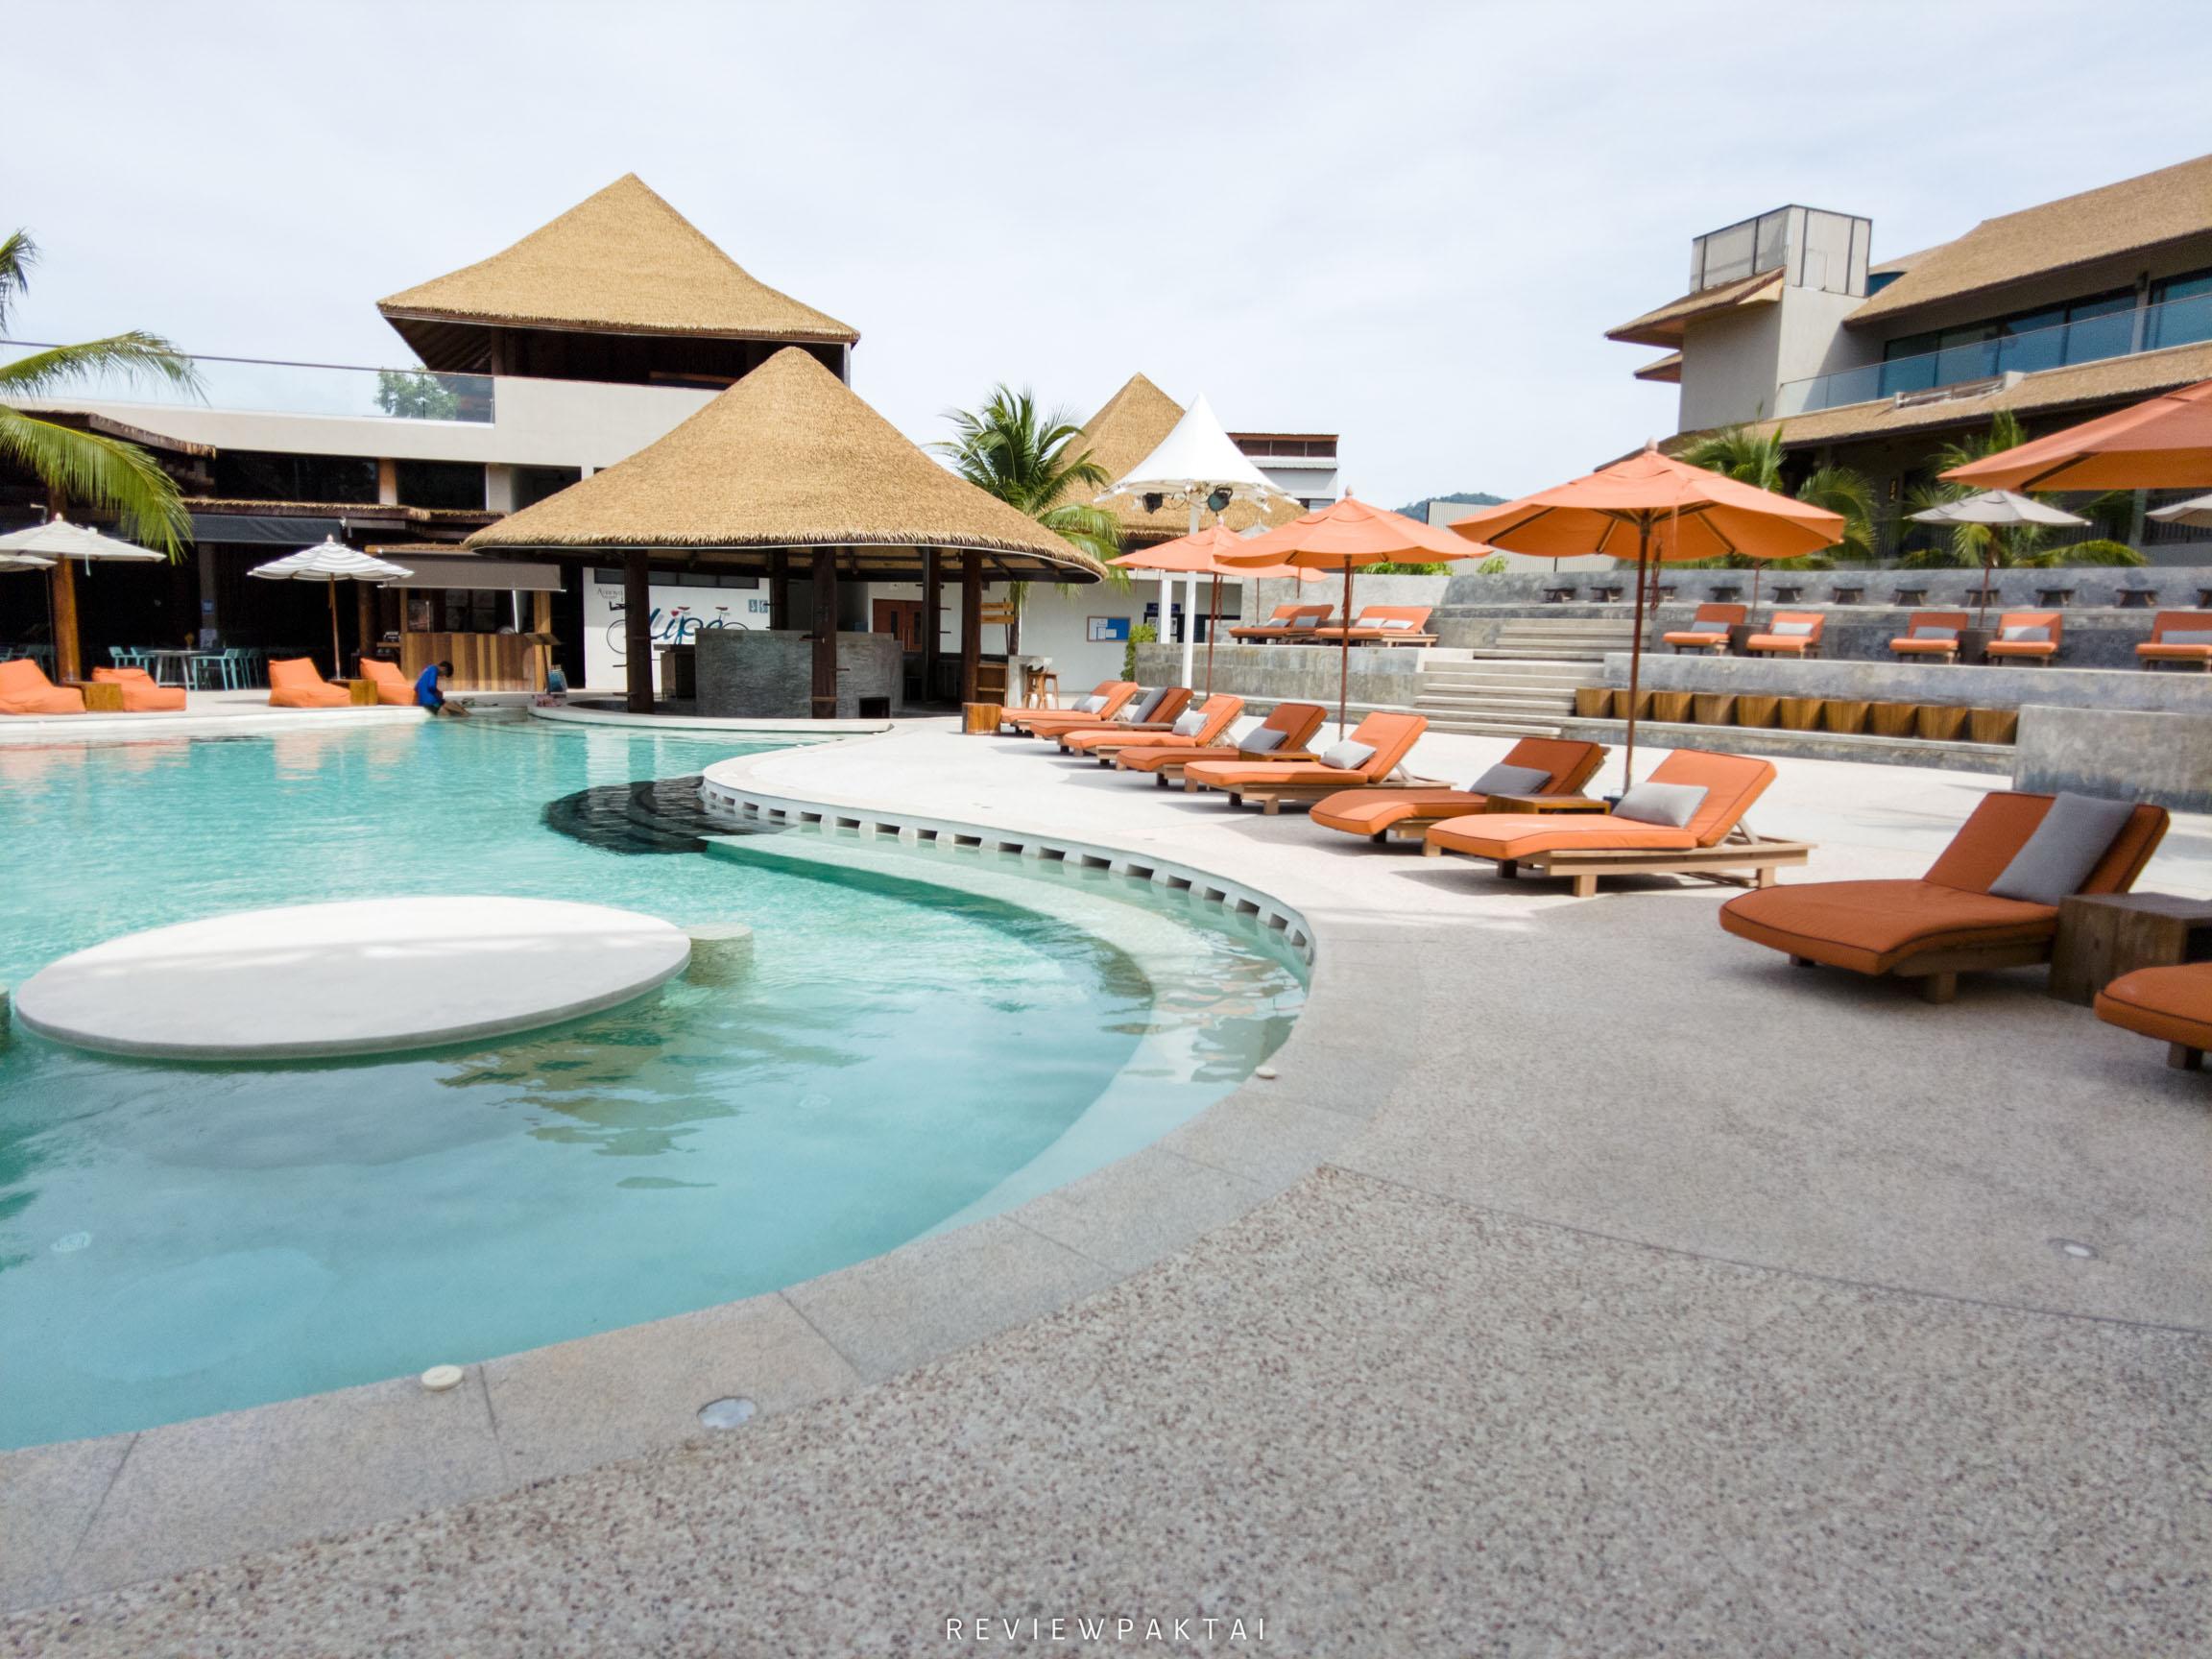 ด้านหน้าจะเป็นสระสวยๆวงกลมโค้งๆ-เบาสีส้มตัดกับน้ำสีฟ้าสวยมวากก ที่พักหลีเป๊ะ,ที่พักสตูล,ที่พักติดทะเล,เกาะหลีเป๊ะ,ananya,resort,lipe